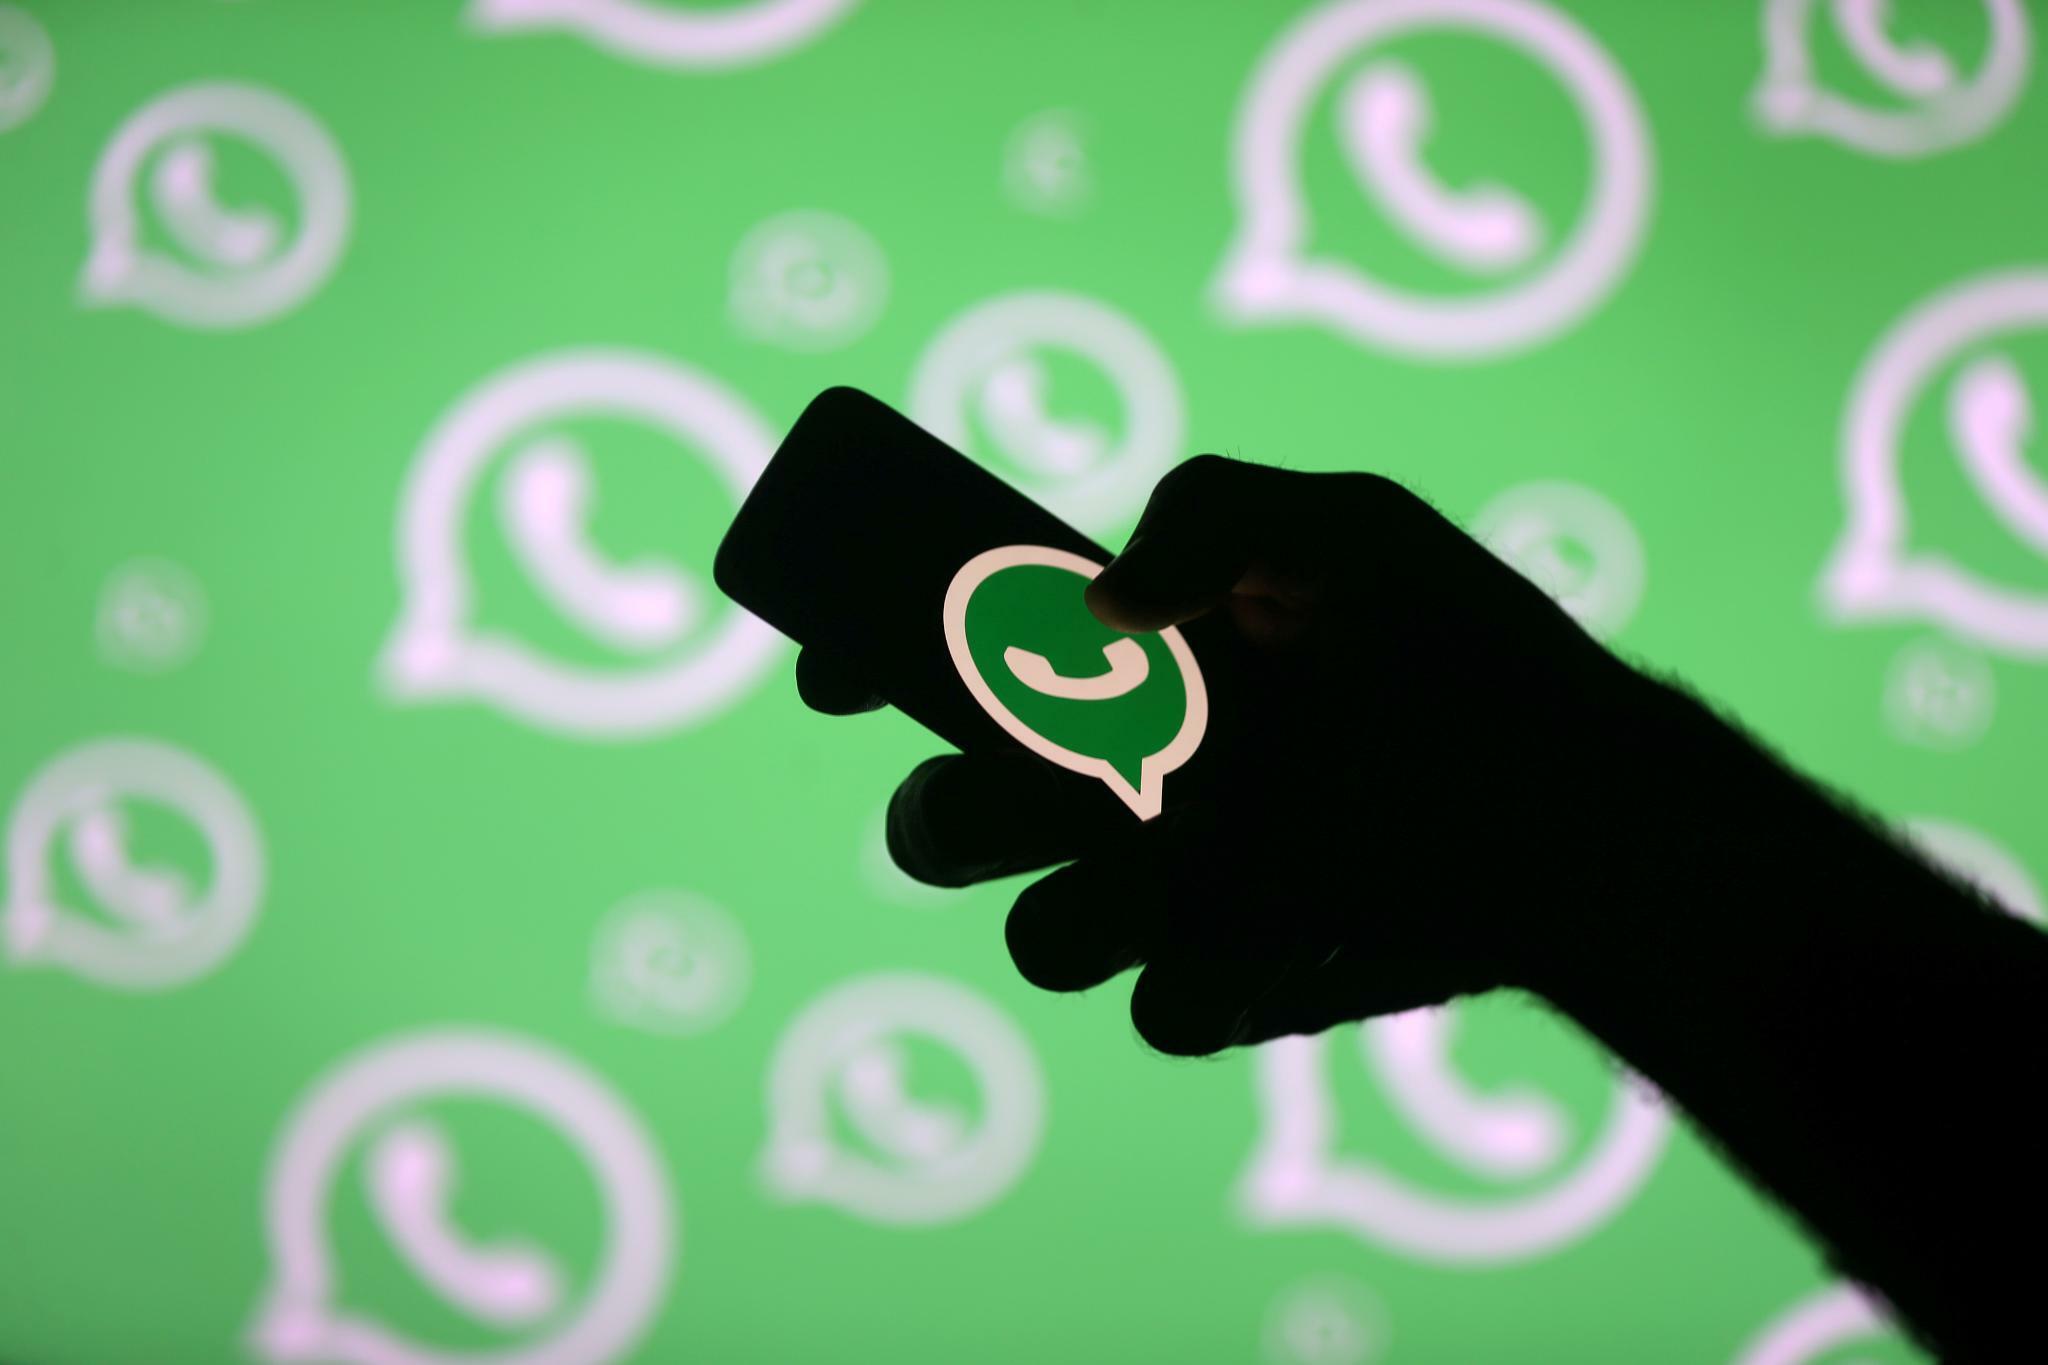 Messenger: WhatsApp bleibt werbefrei – zumindest vorerst